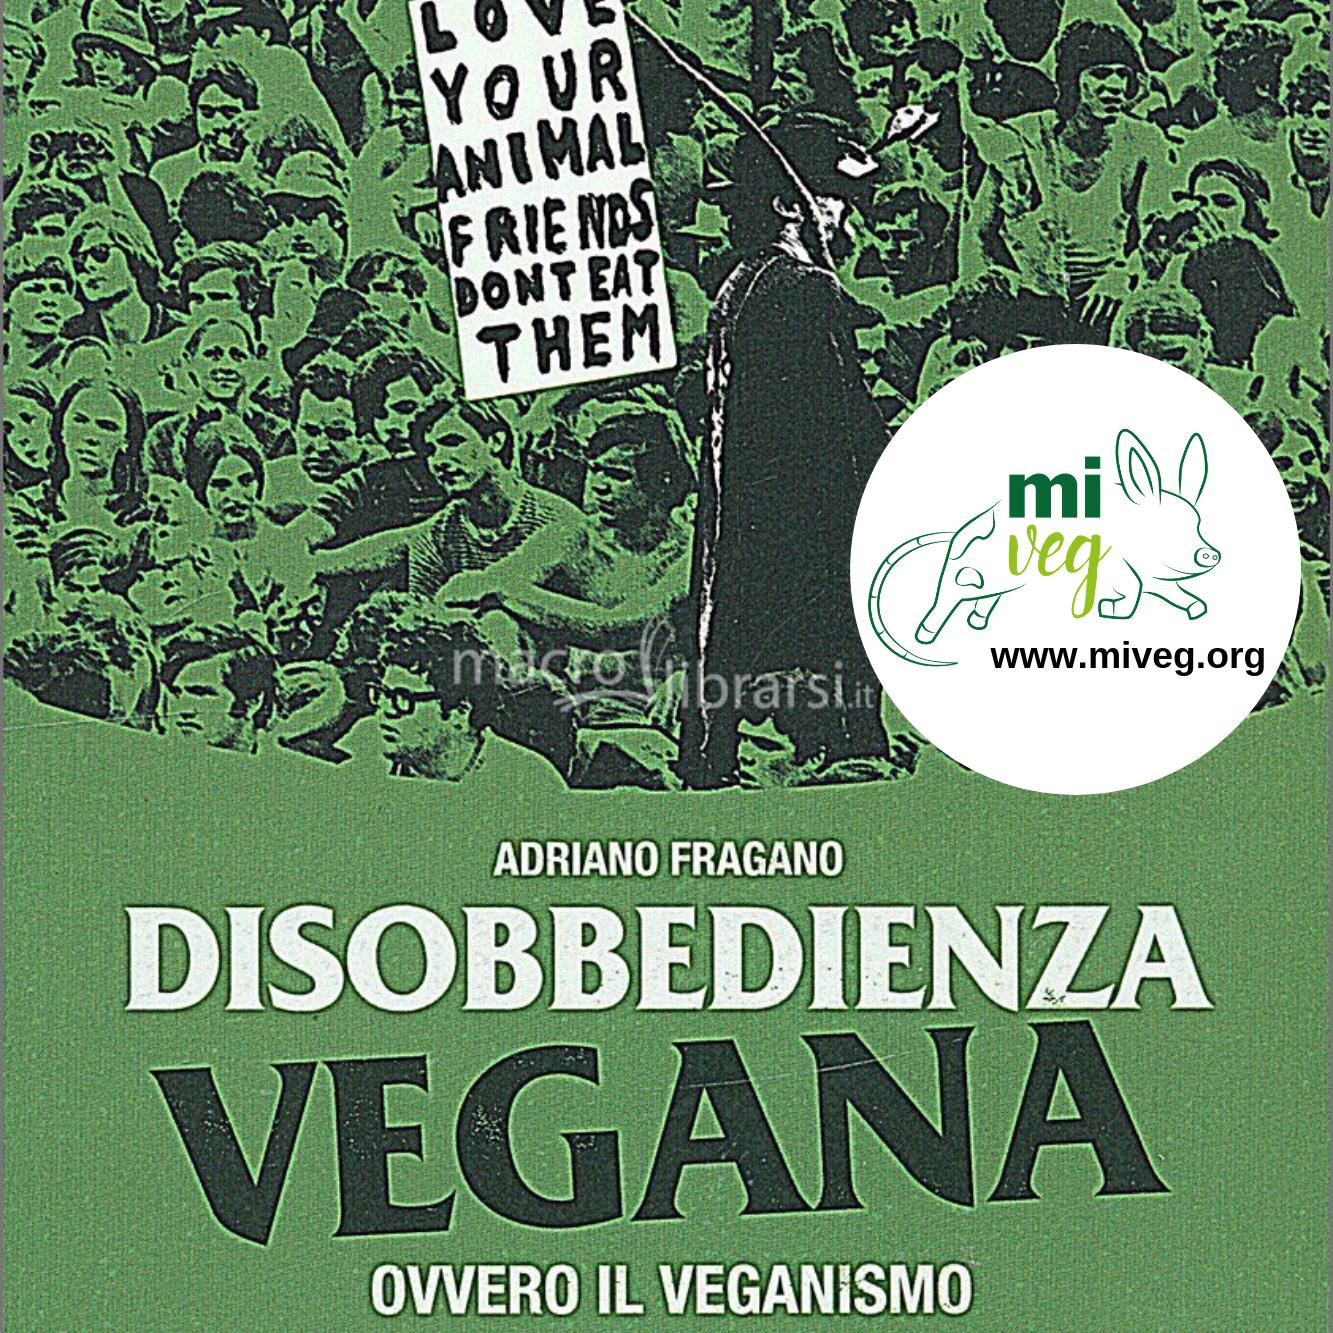 Programma MiVeg Adriano Fragano